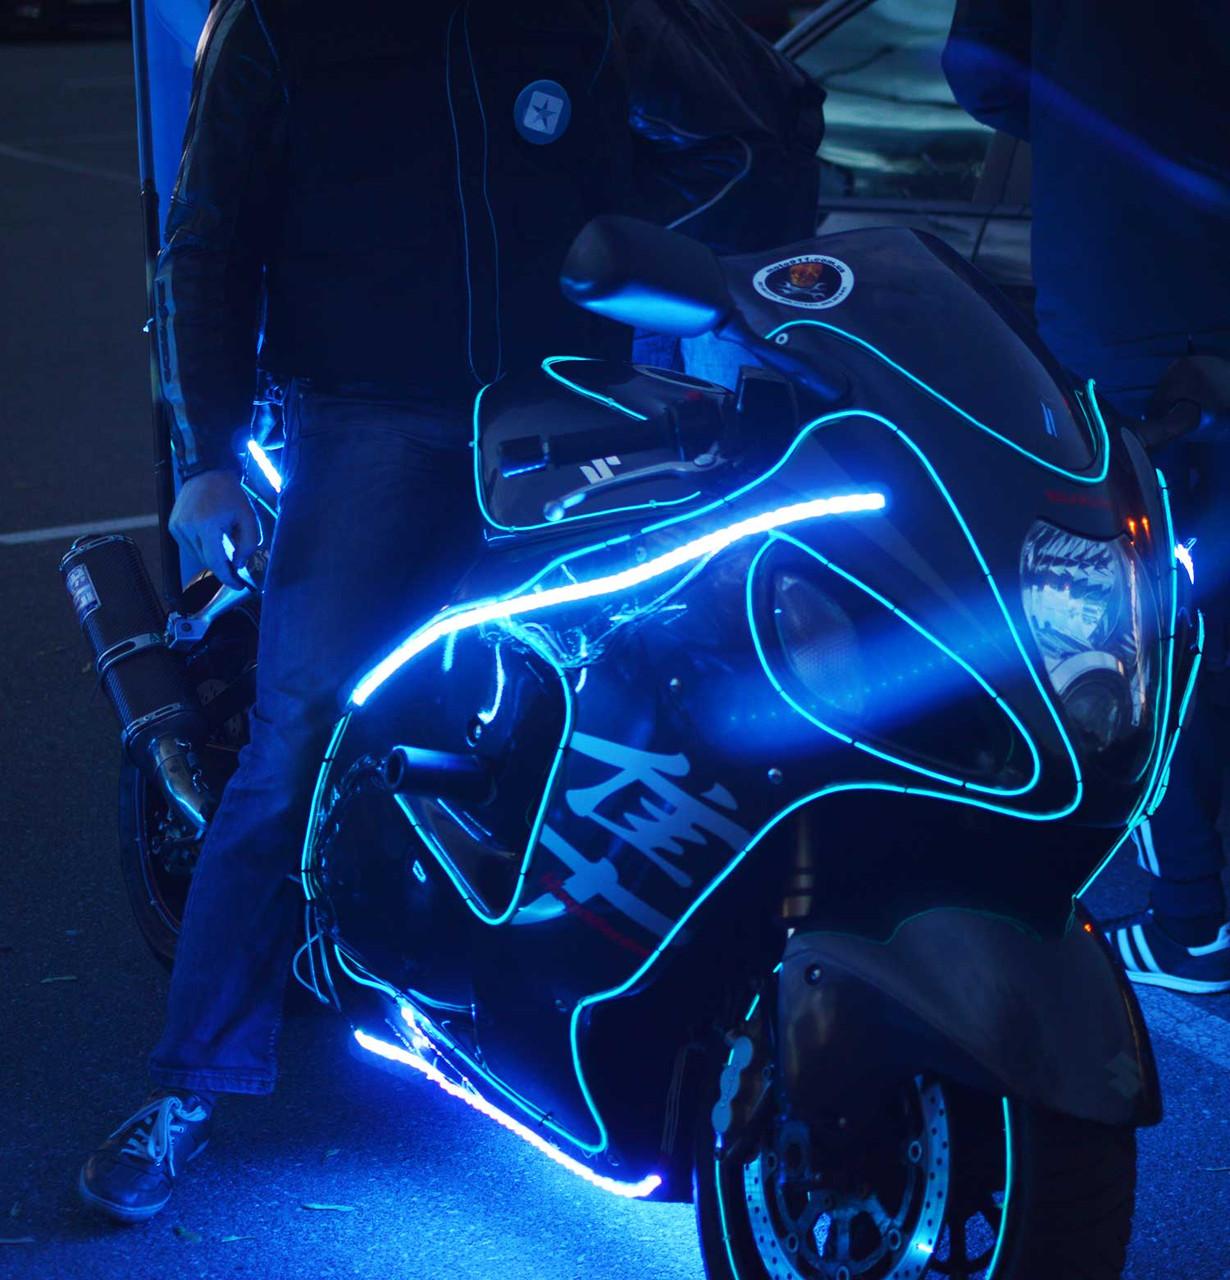 Работы по освещению мототехники холодным неоном и светодиодами